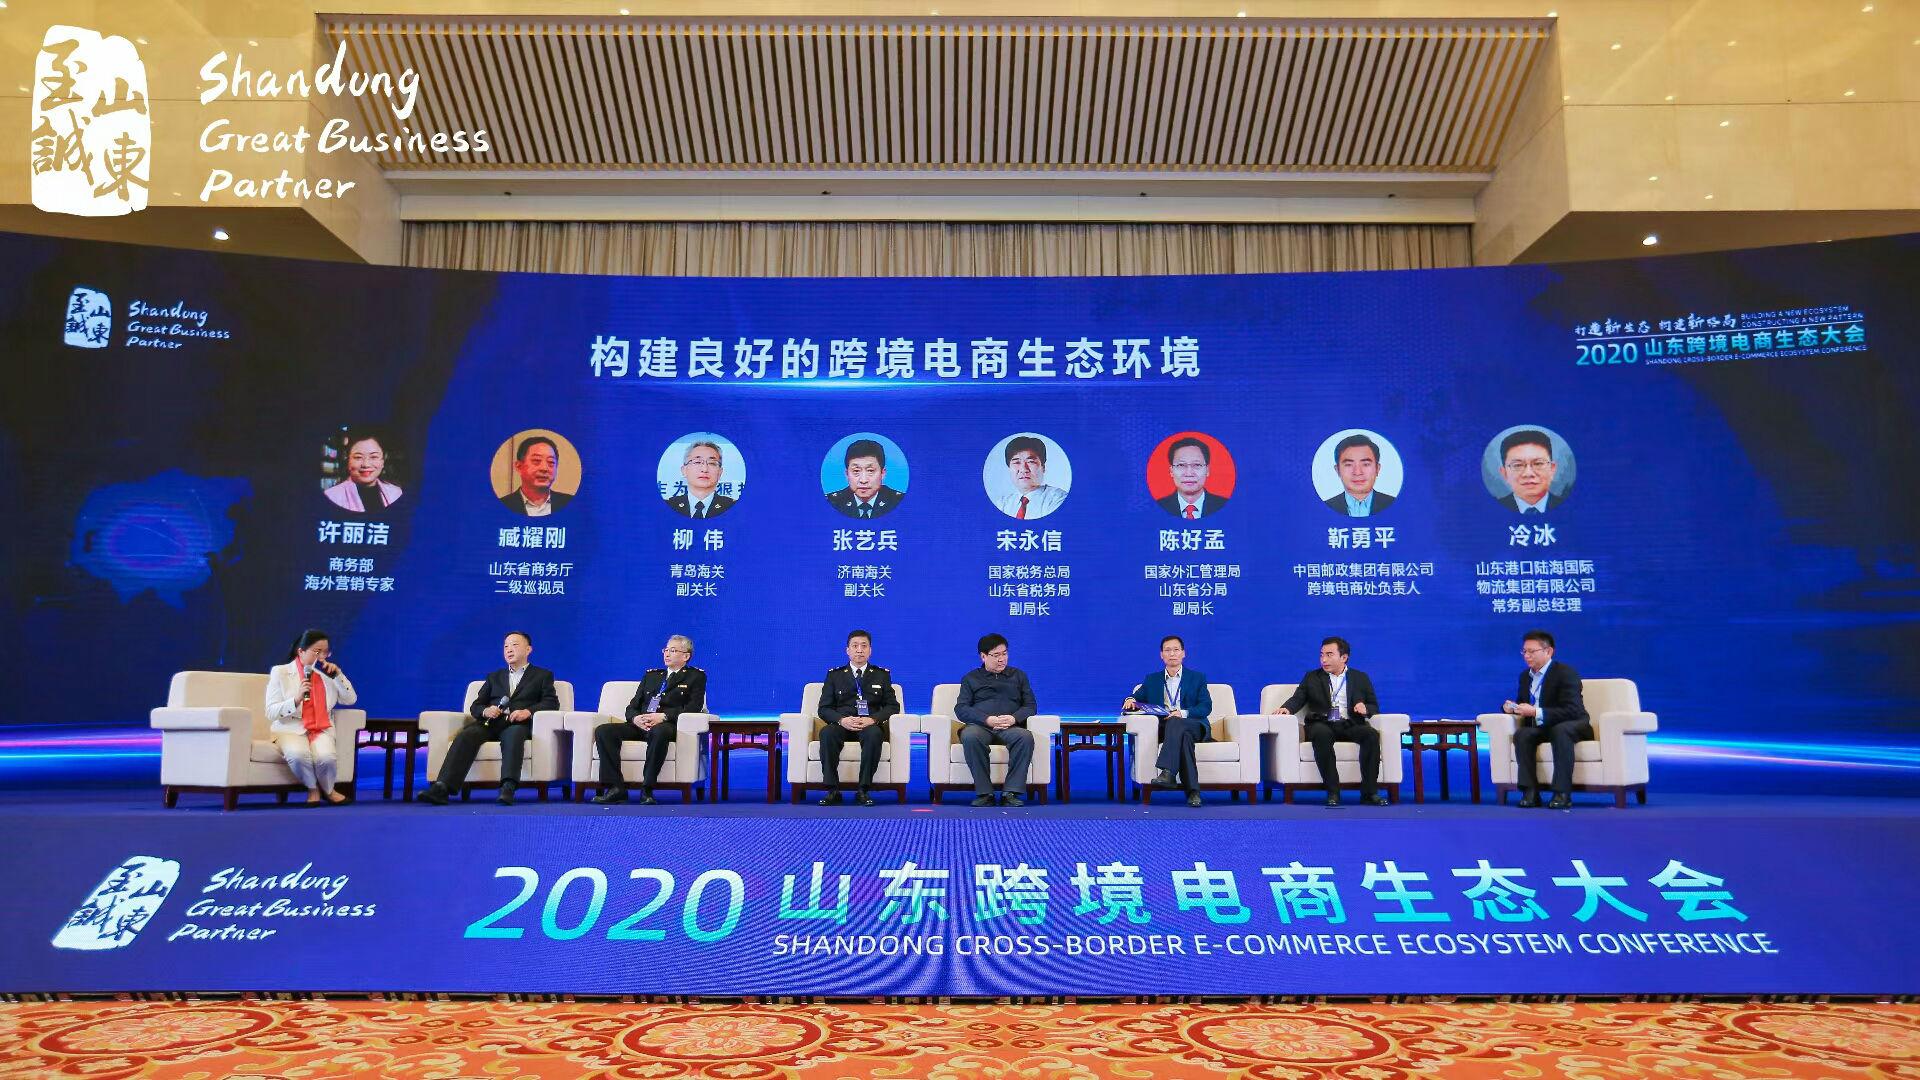 2020山東跨境電商生態大會